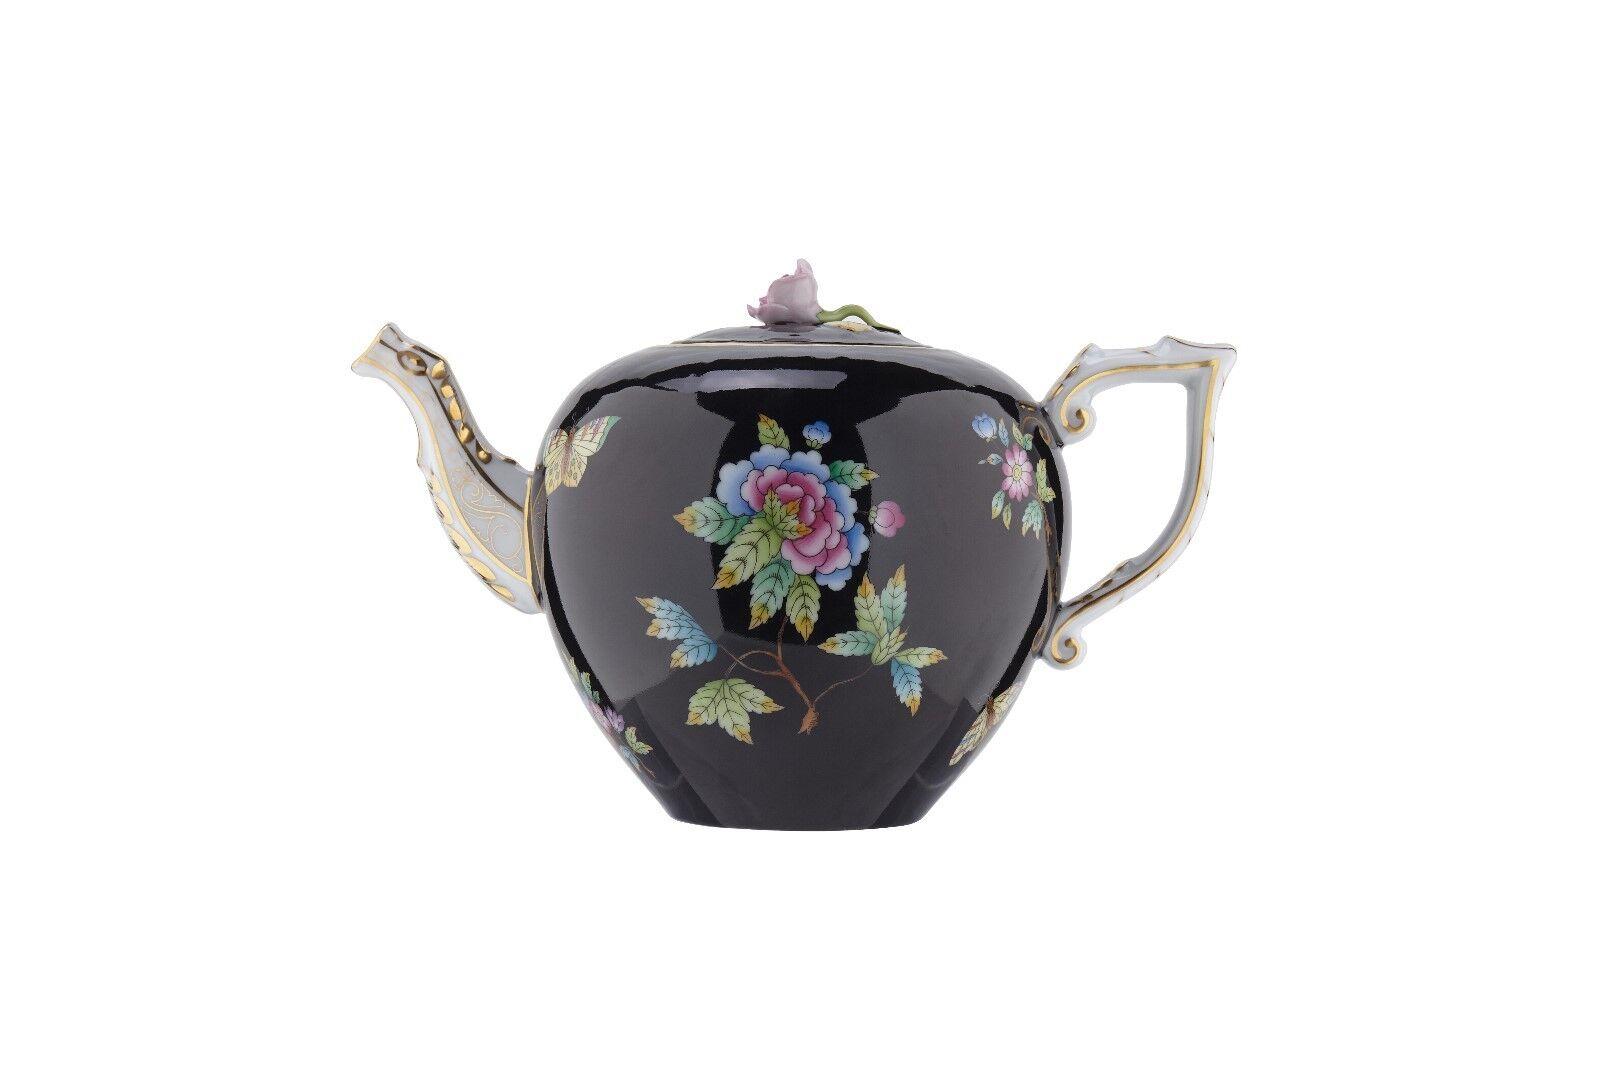 Herend Victoria porcelana jarra jarra jarra tetera té cafetera cafetera. Patrón de 12d092